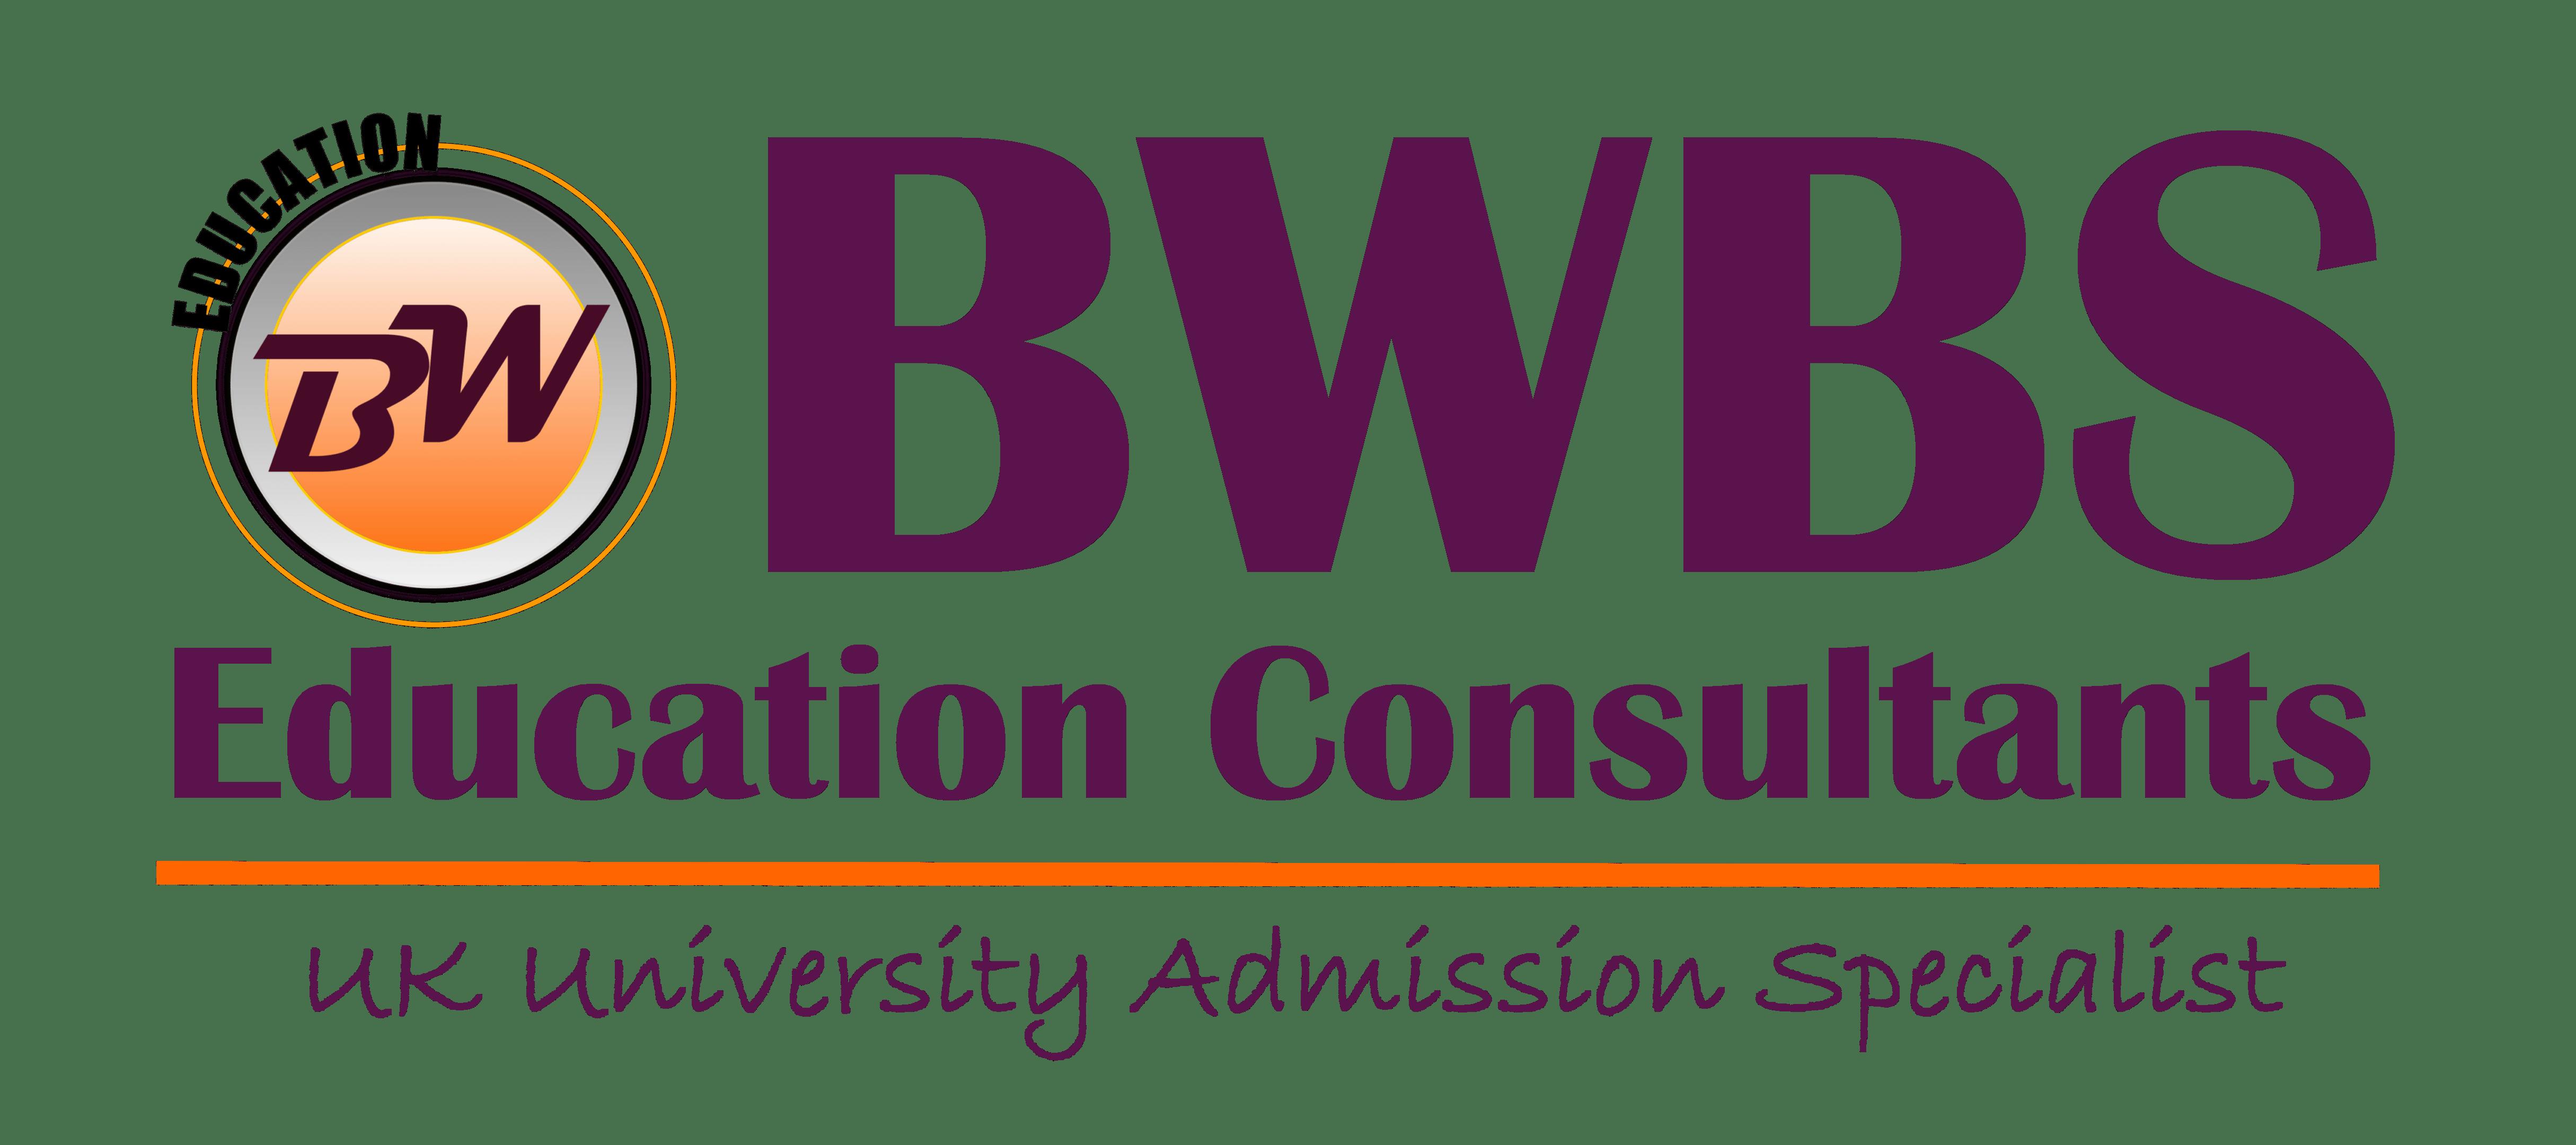 www.bwbsedu.com